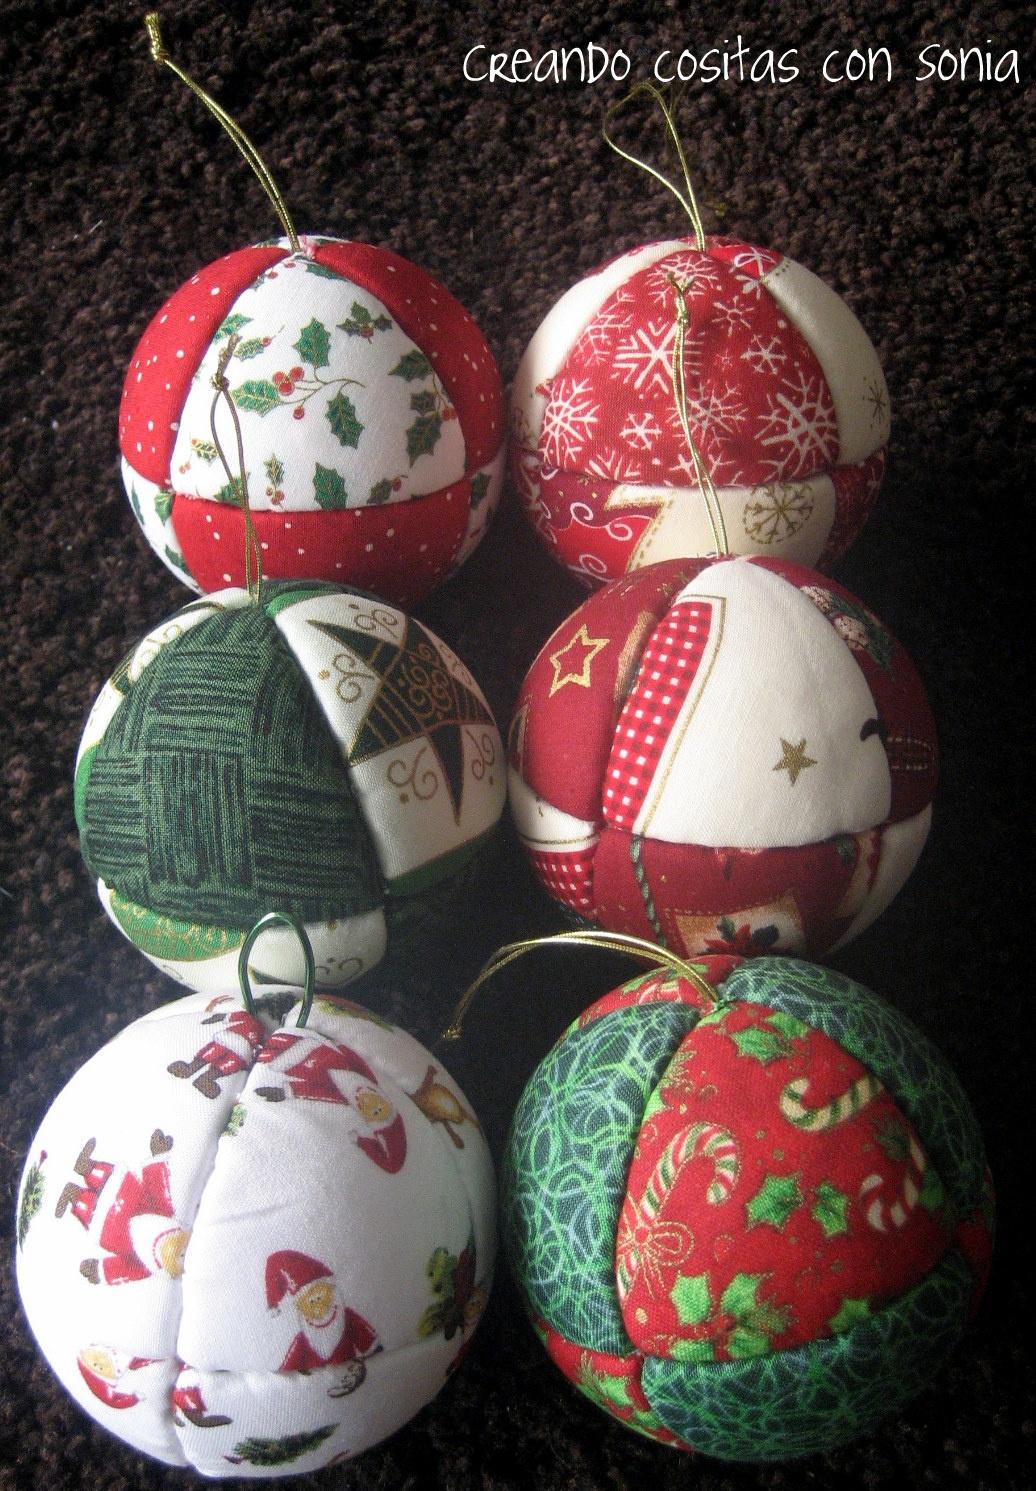 Como Decorar Bolas De Navidad De Poliespan.Creando Cositas Con Sonia Noviembre 2011